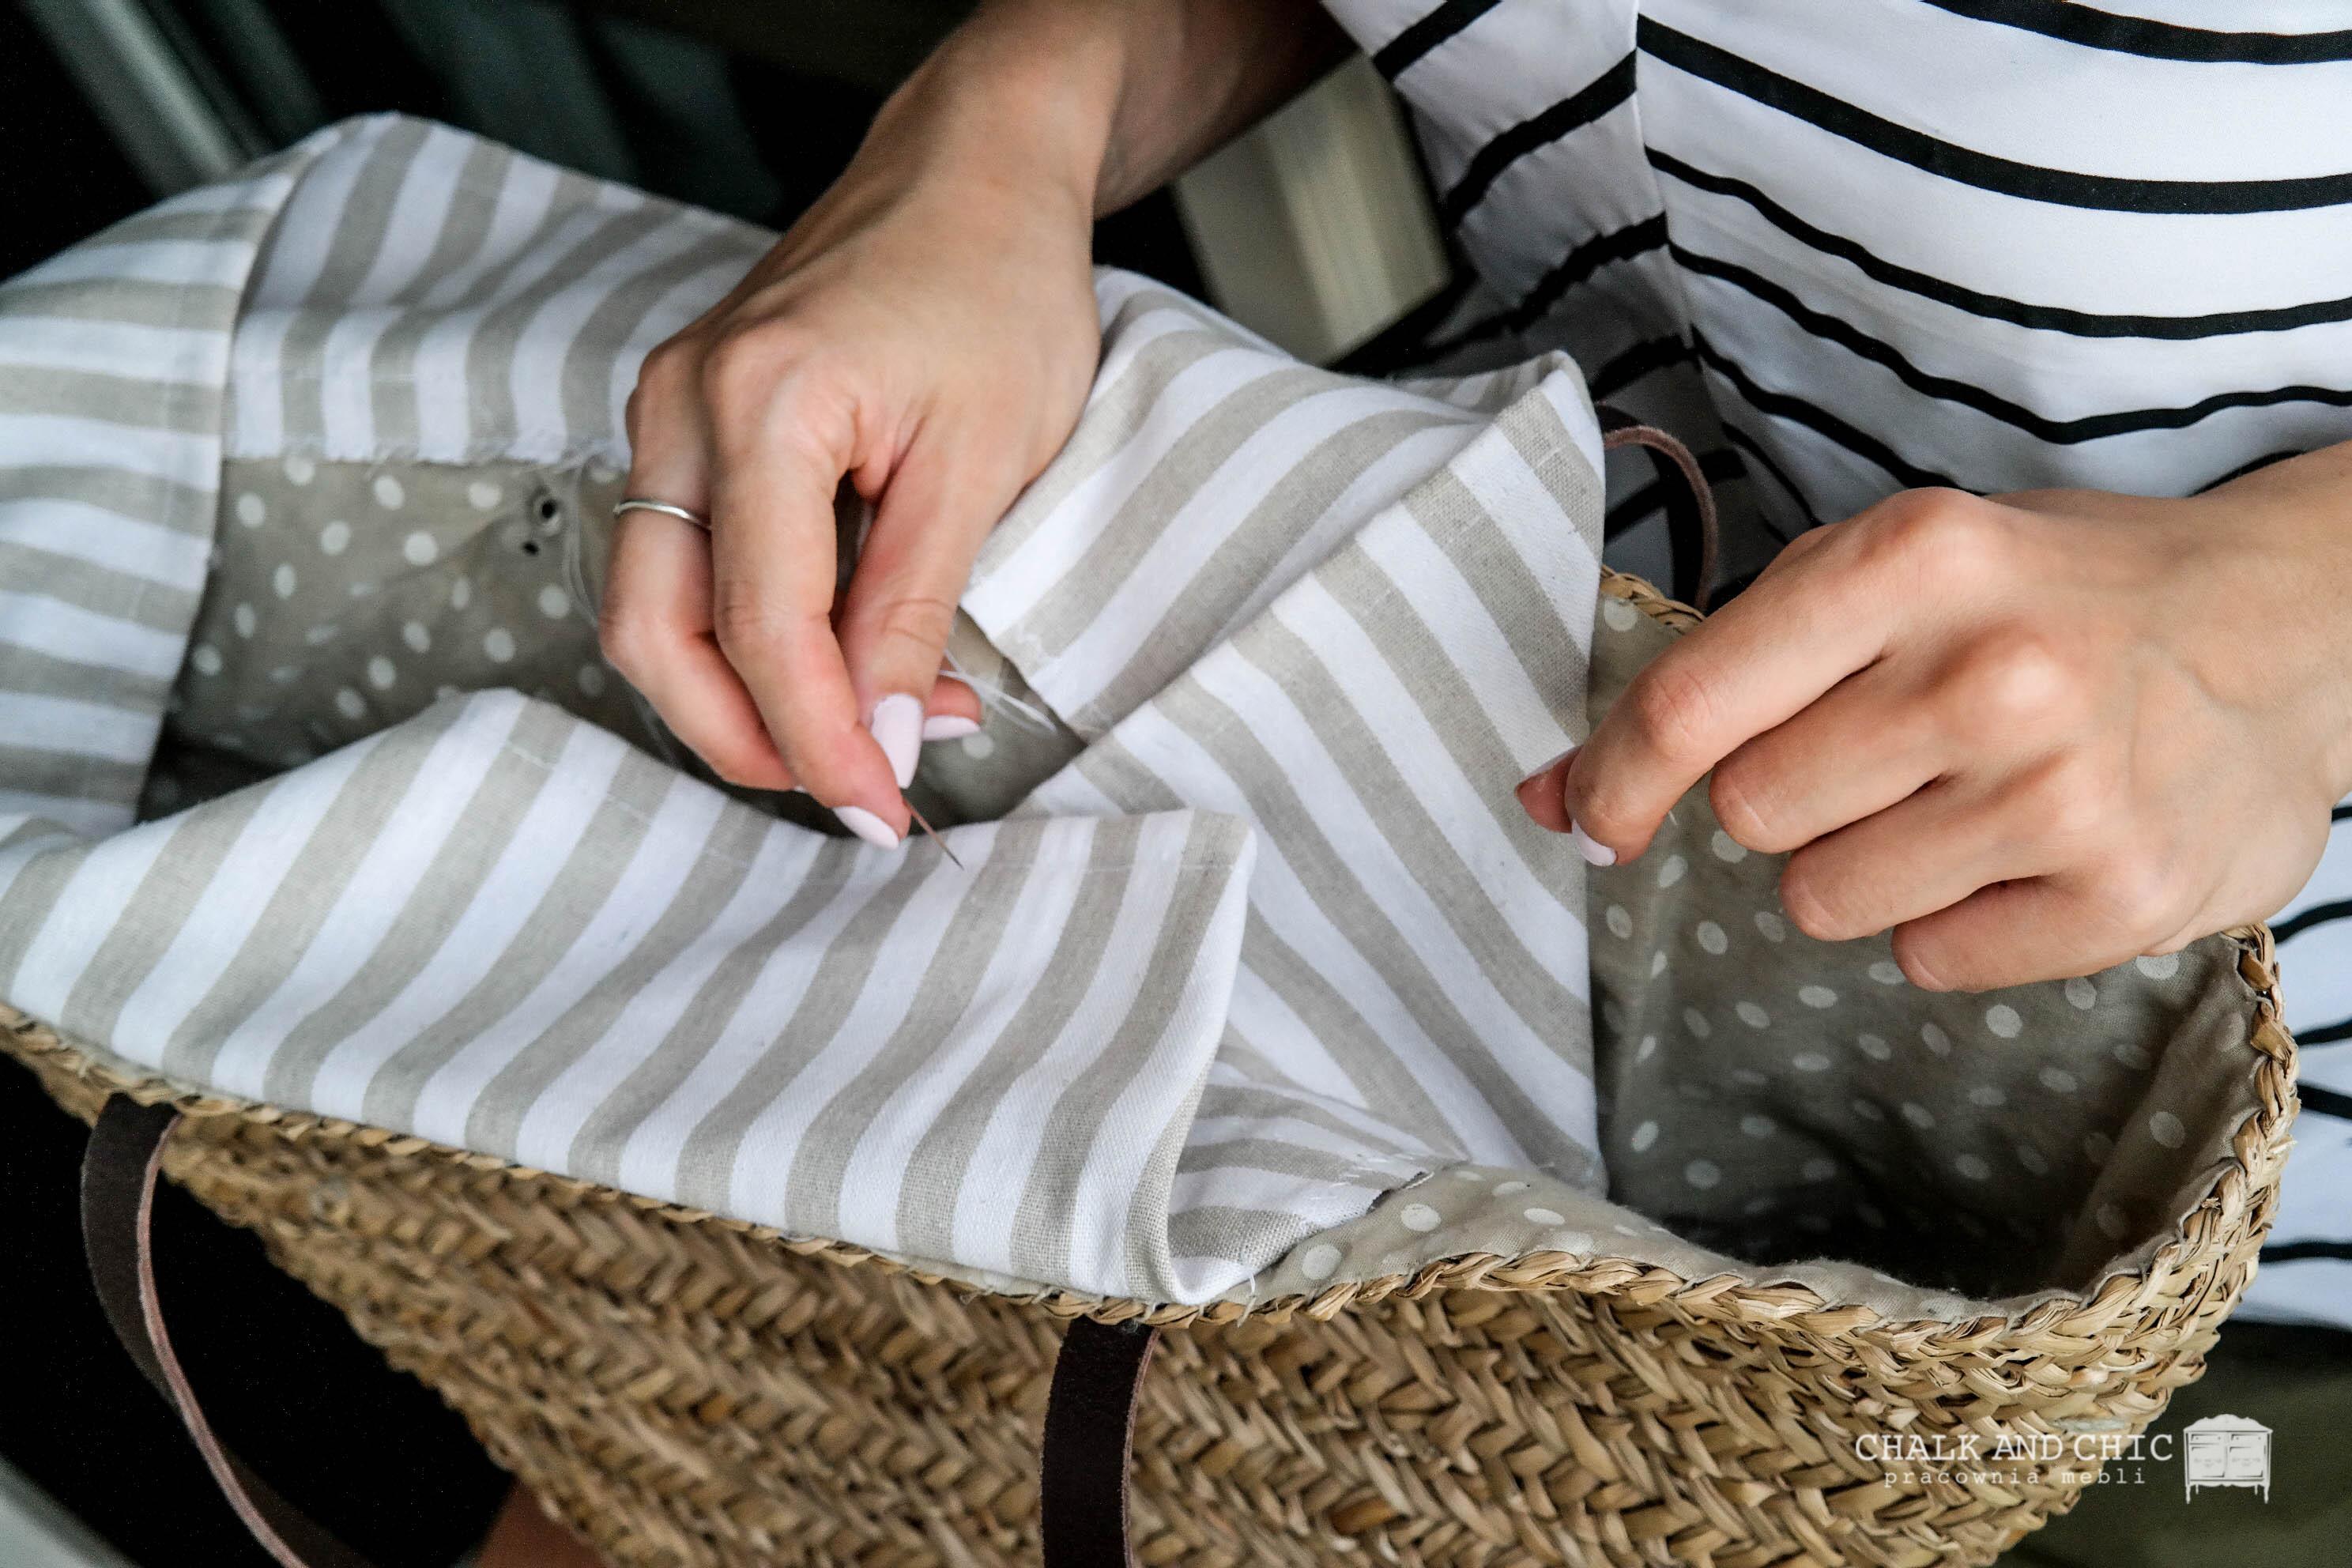 doszywanie materiału do koszyka wiklinowego